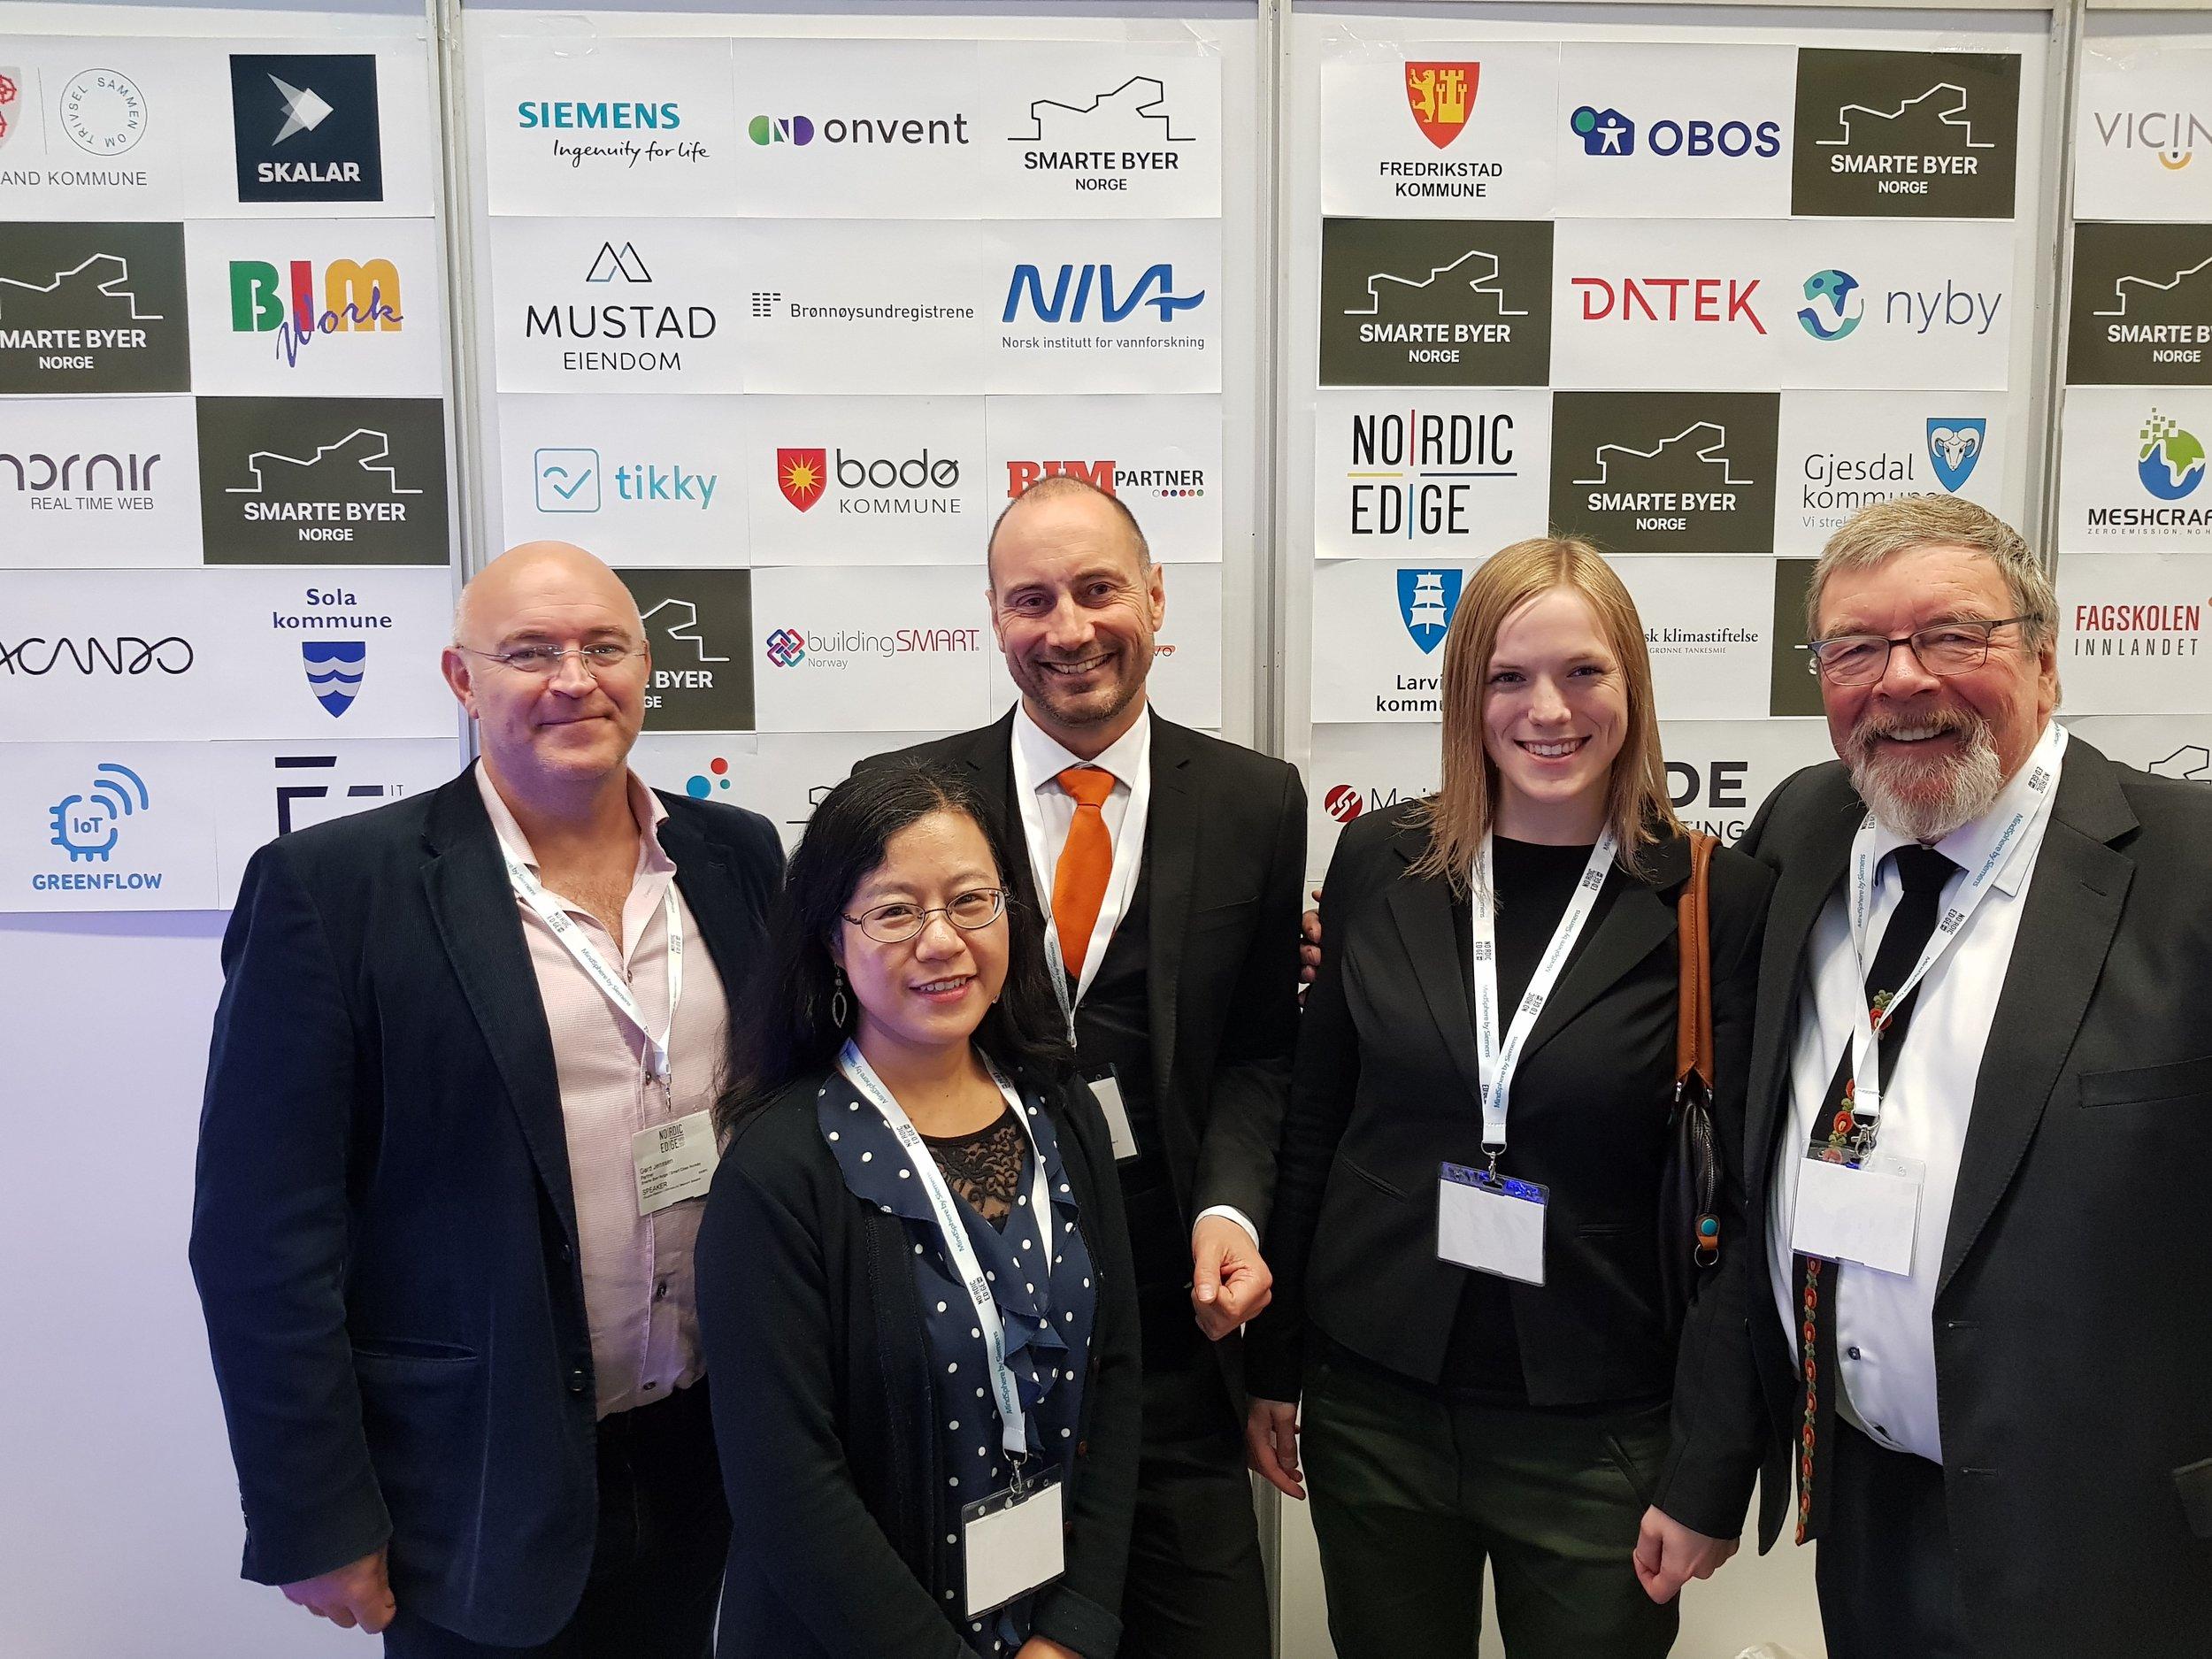 Fra Nordic Edge Expo i Stavanger i september 2017. Smarte Byer Norge hadde stand og inviterte to av medlemmene i nettverket til å dele standen.